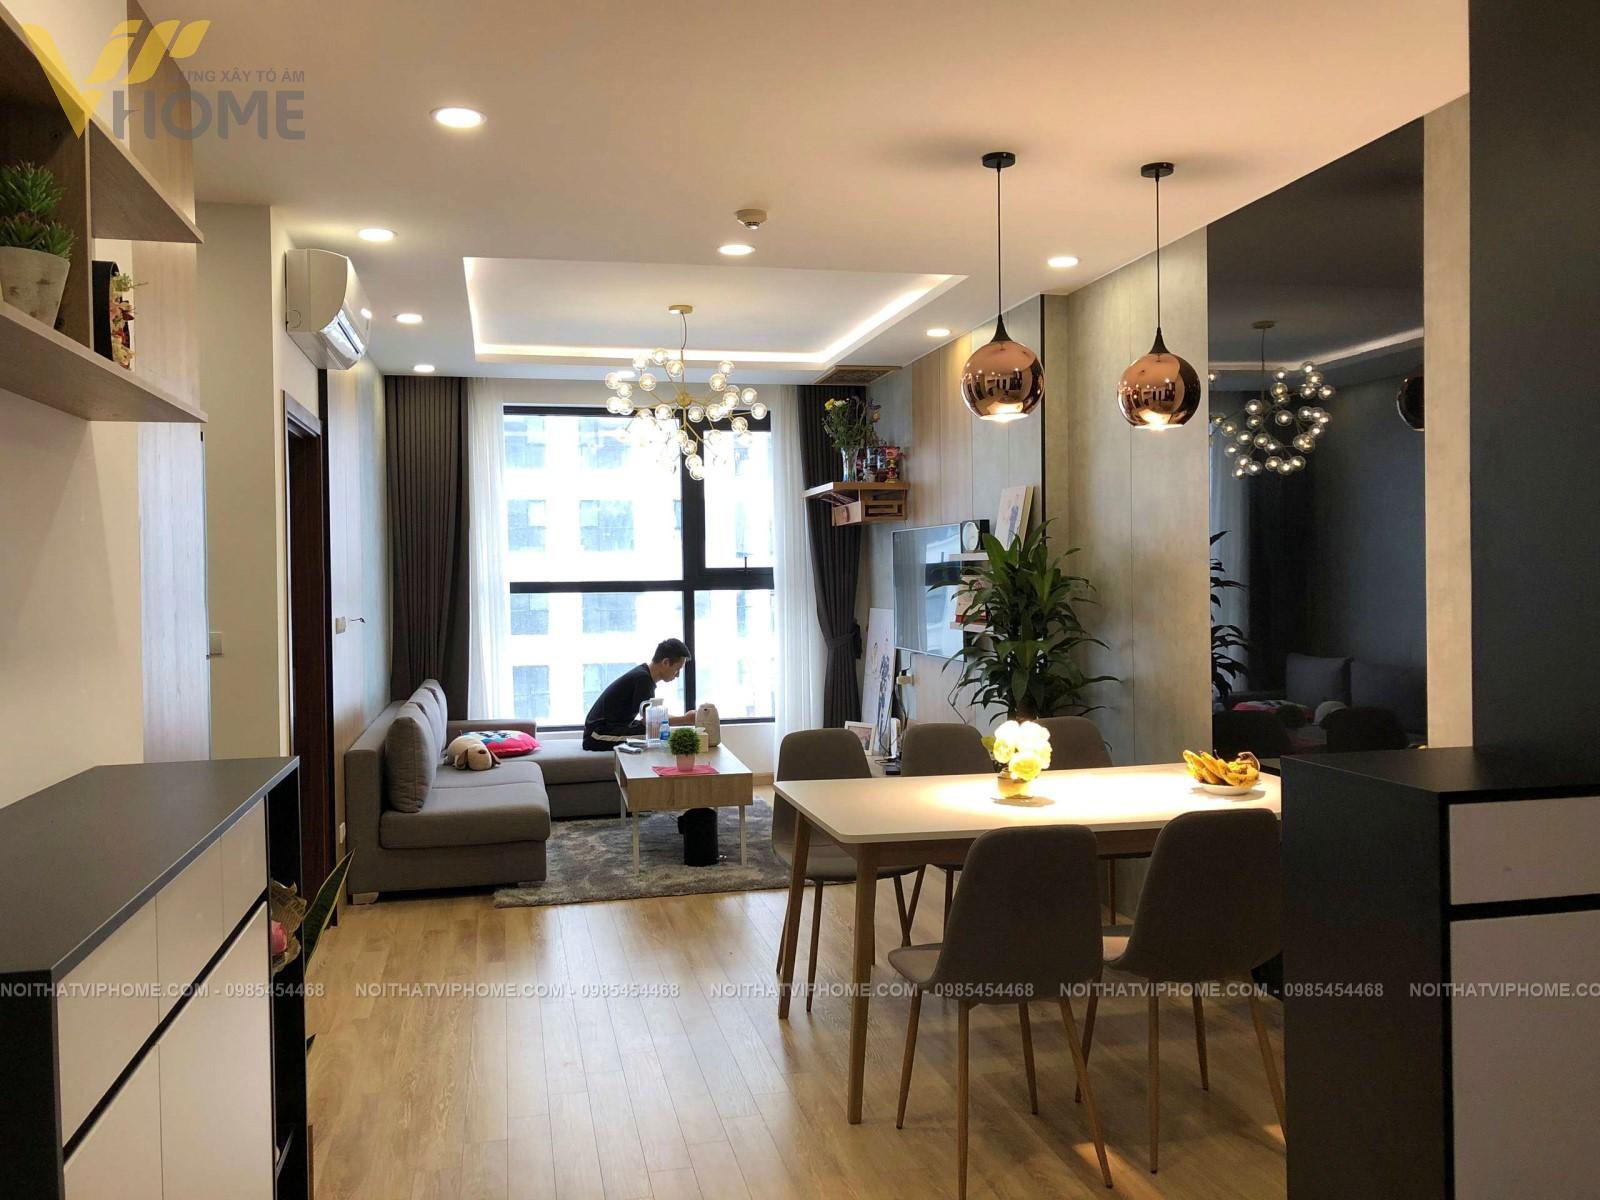 Thiết kế thi công nội thất chung cư hiện đại đẹp